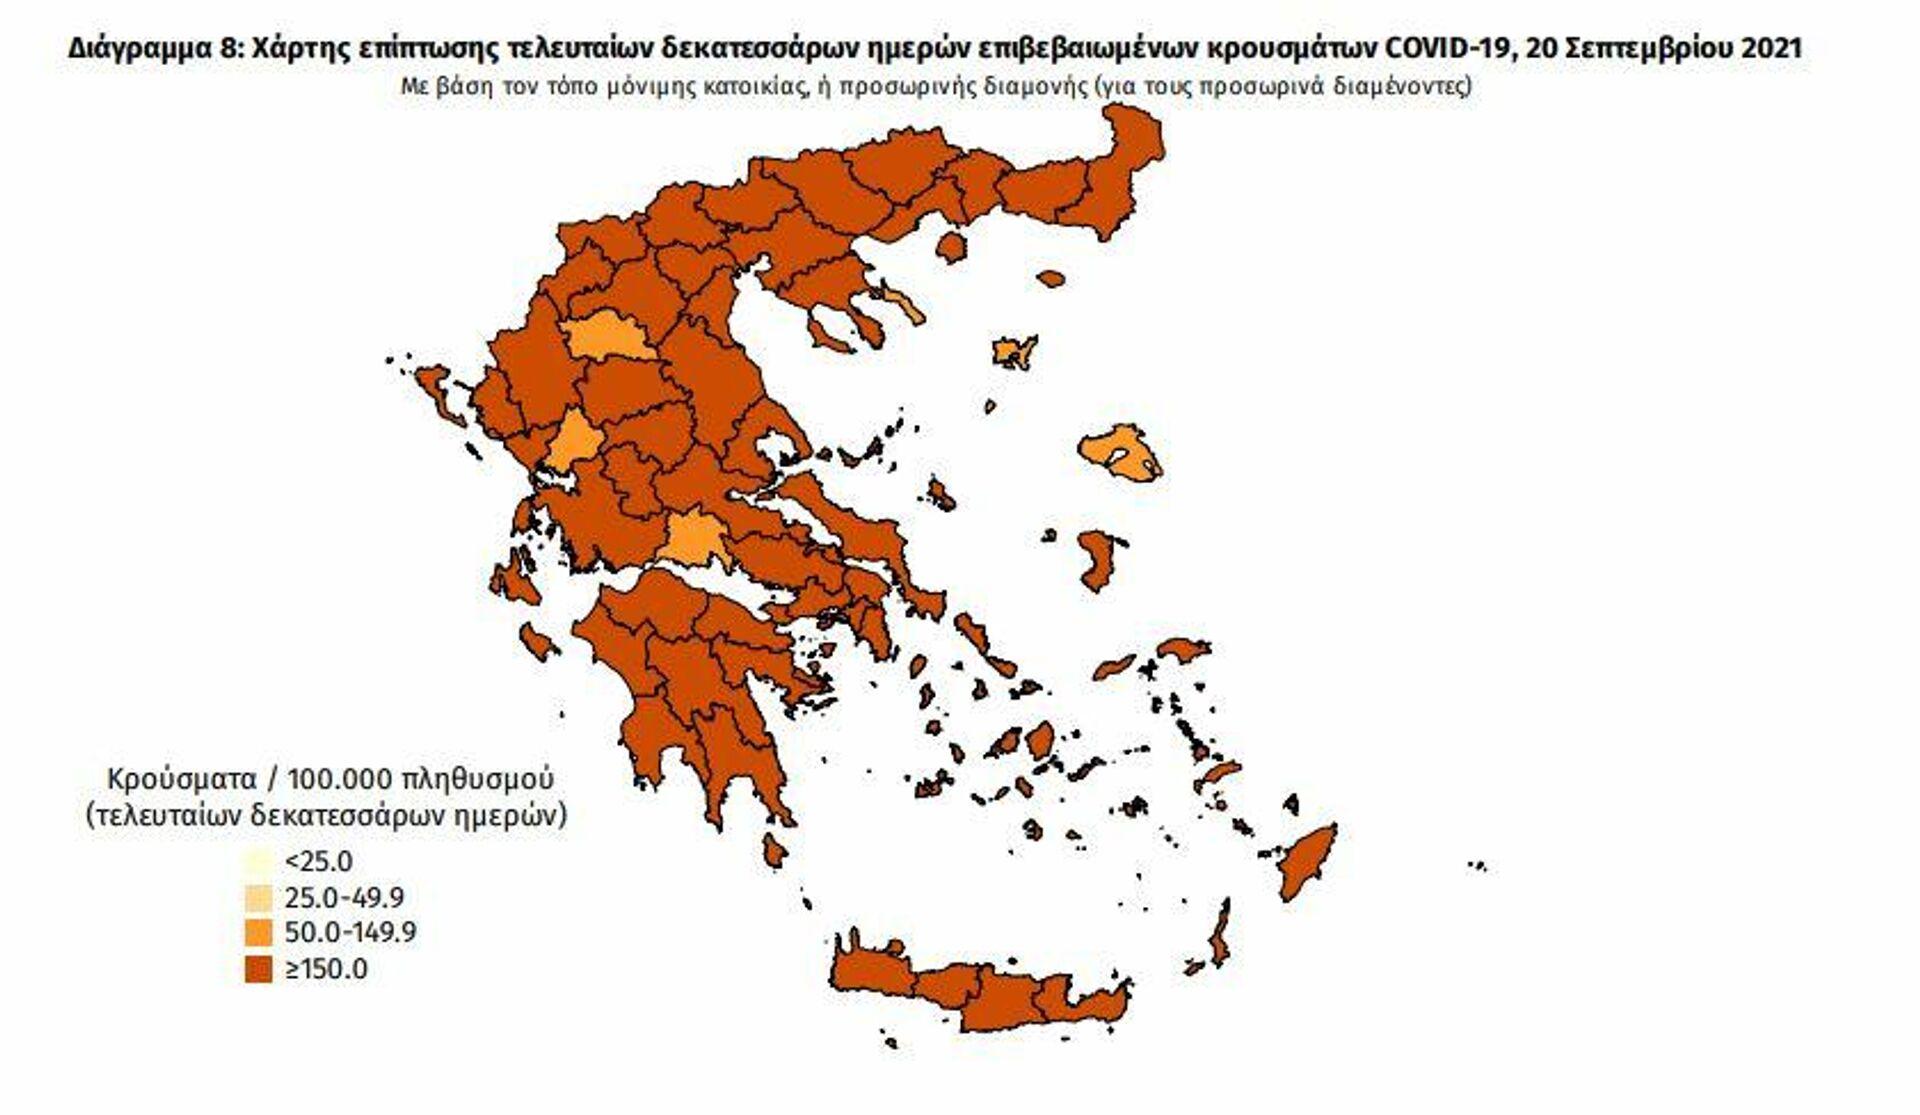 Ο χάρτης του κορονοϊού, 20 Σεπτεμβρίου - Sputnik Ελλάδα, 1920, 20.09.2021